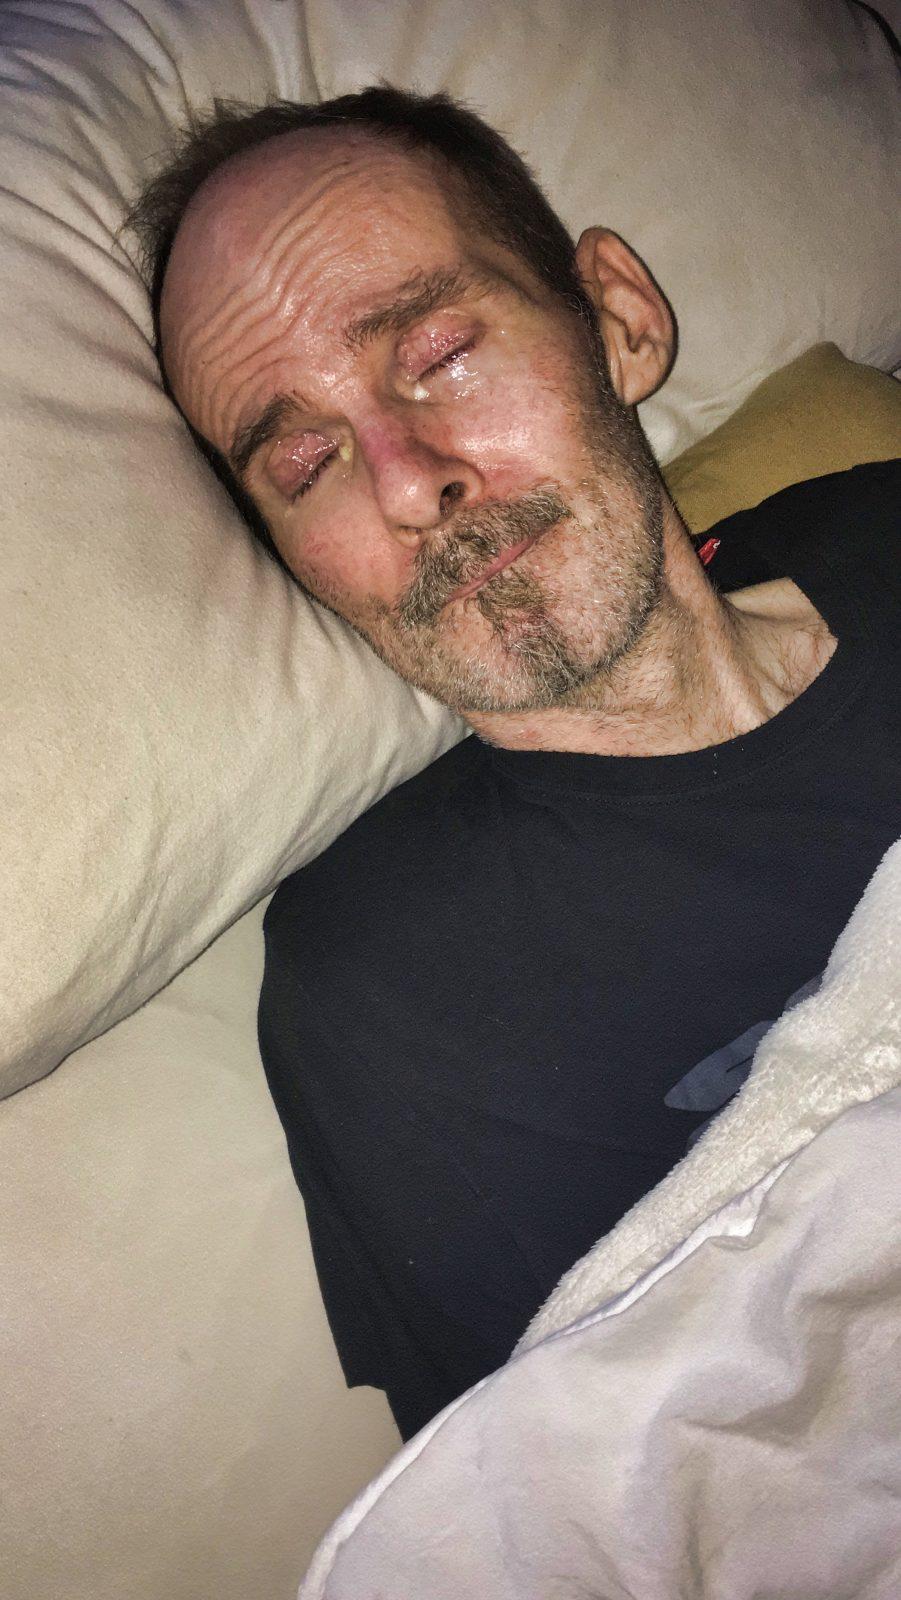 Stefan wieder in seinem Bett nach der OP.